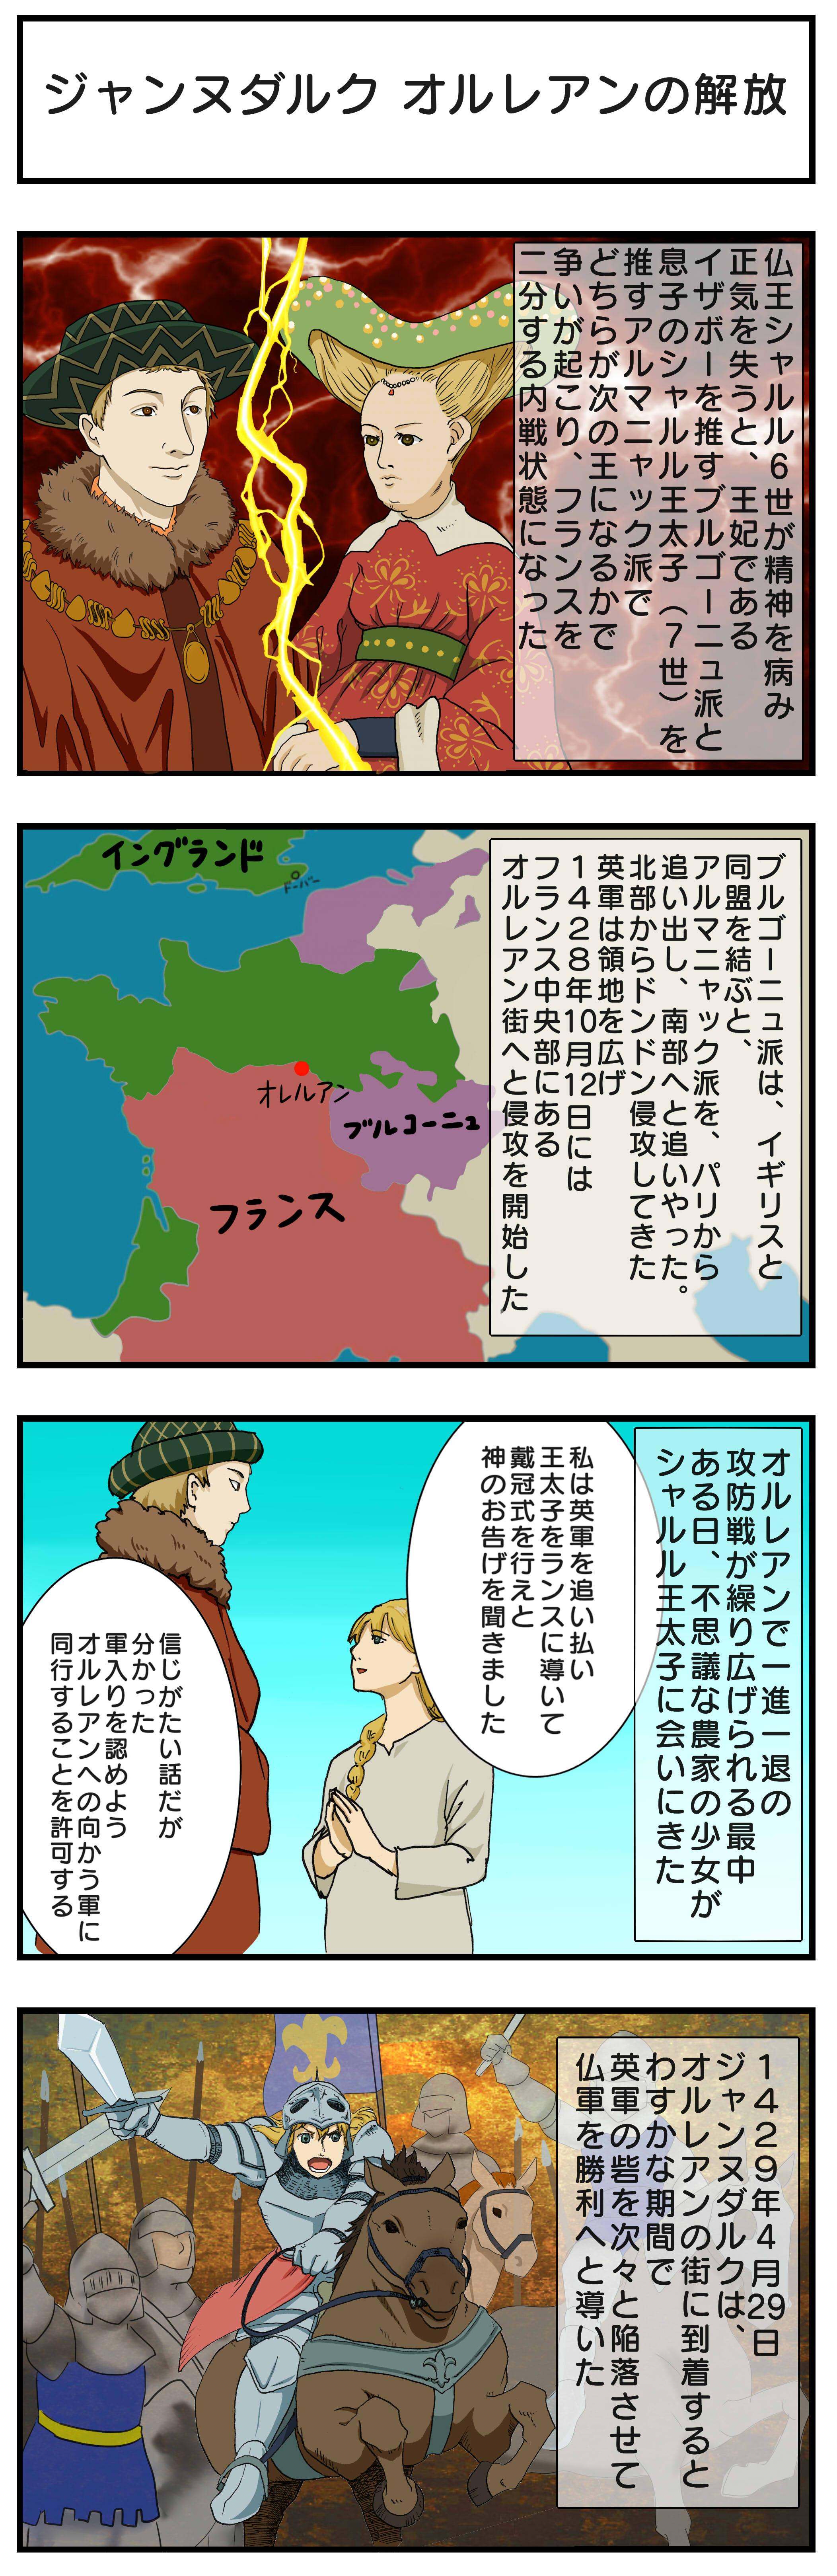 ジャンヌダルク-オルレアンの解放_4コマ漫画